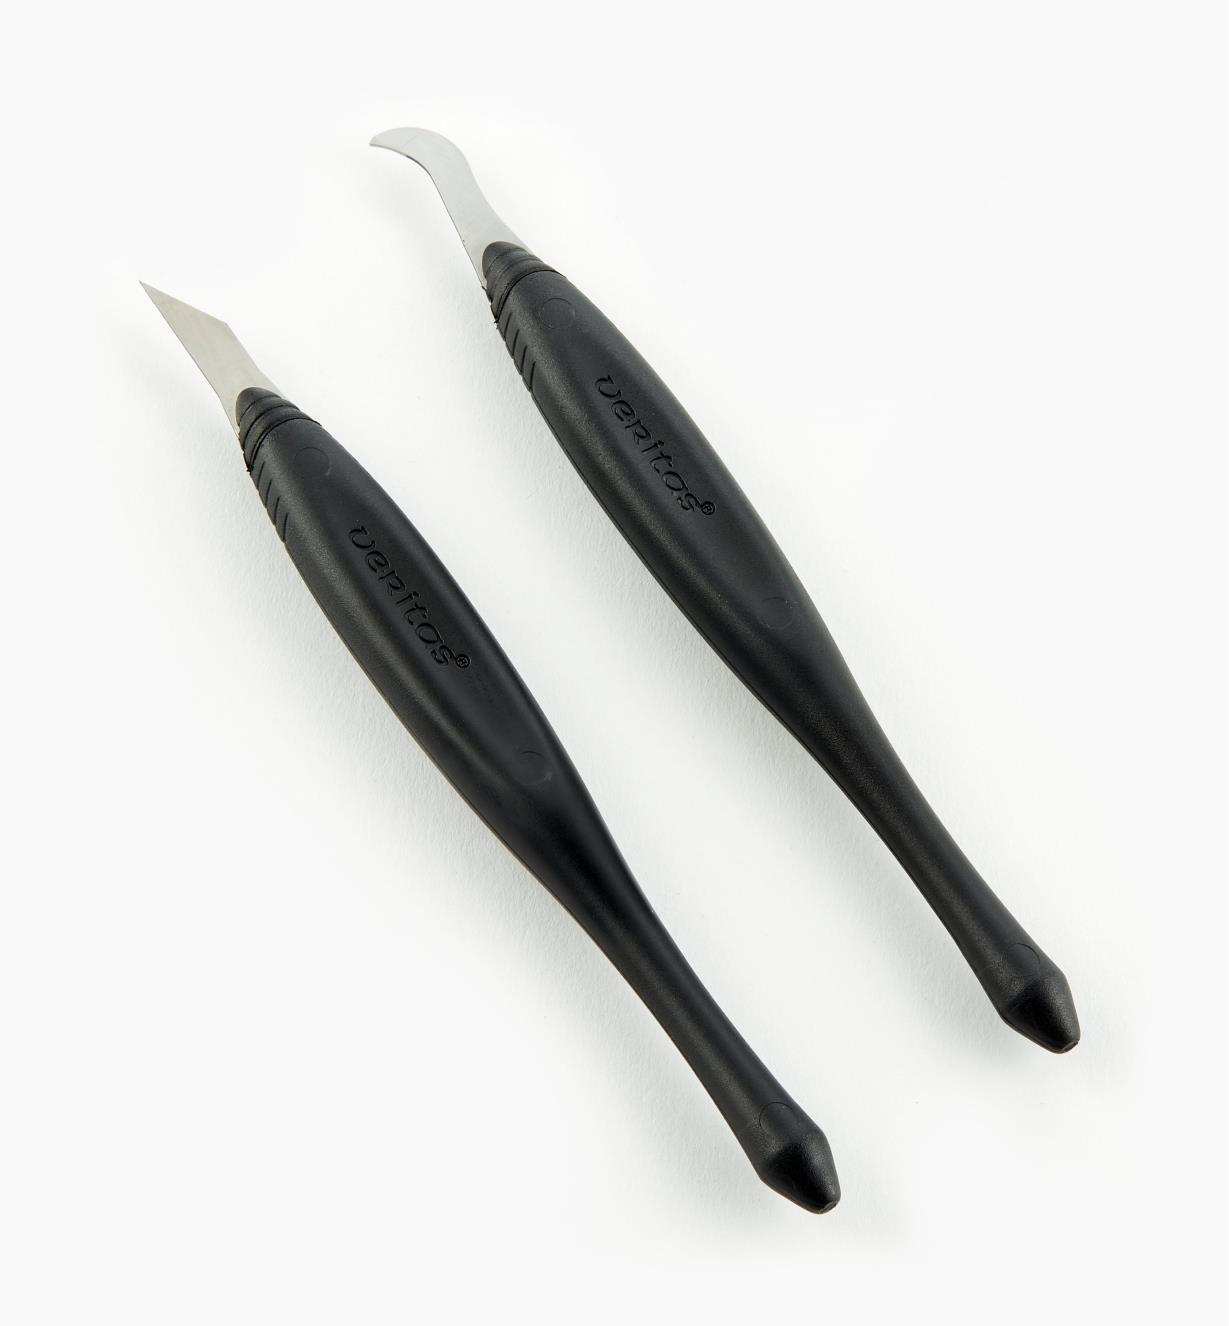 05K1231 - Ensemble de couteaux à rainurer et de finition Veritas, 0,025po